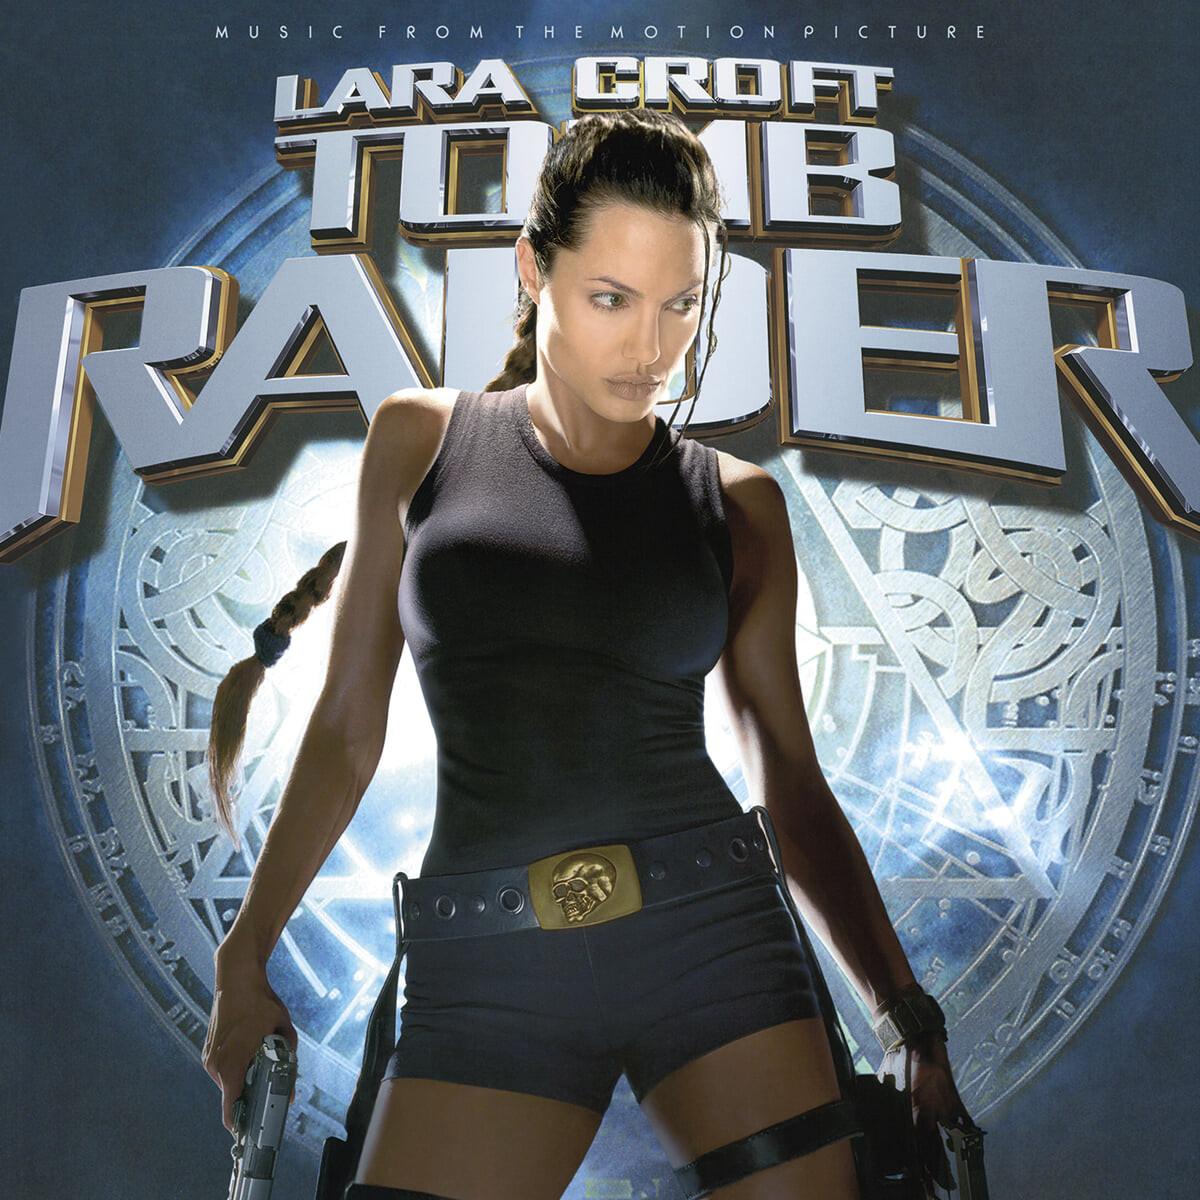 툼 레이더 영화음악 (Lara Croft: Tomb Raider OST) [메탈 골든 트라이앵글 컬러 2LP]